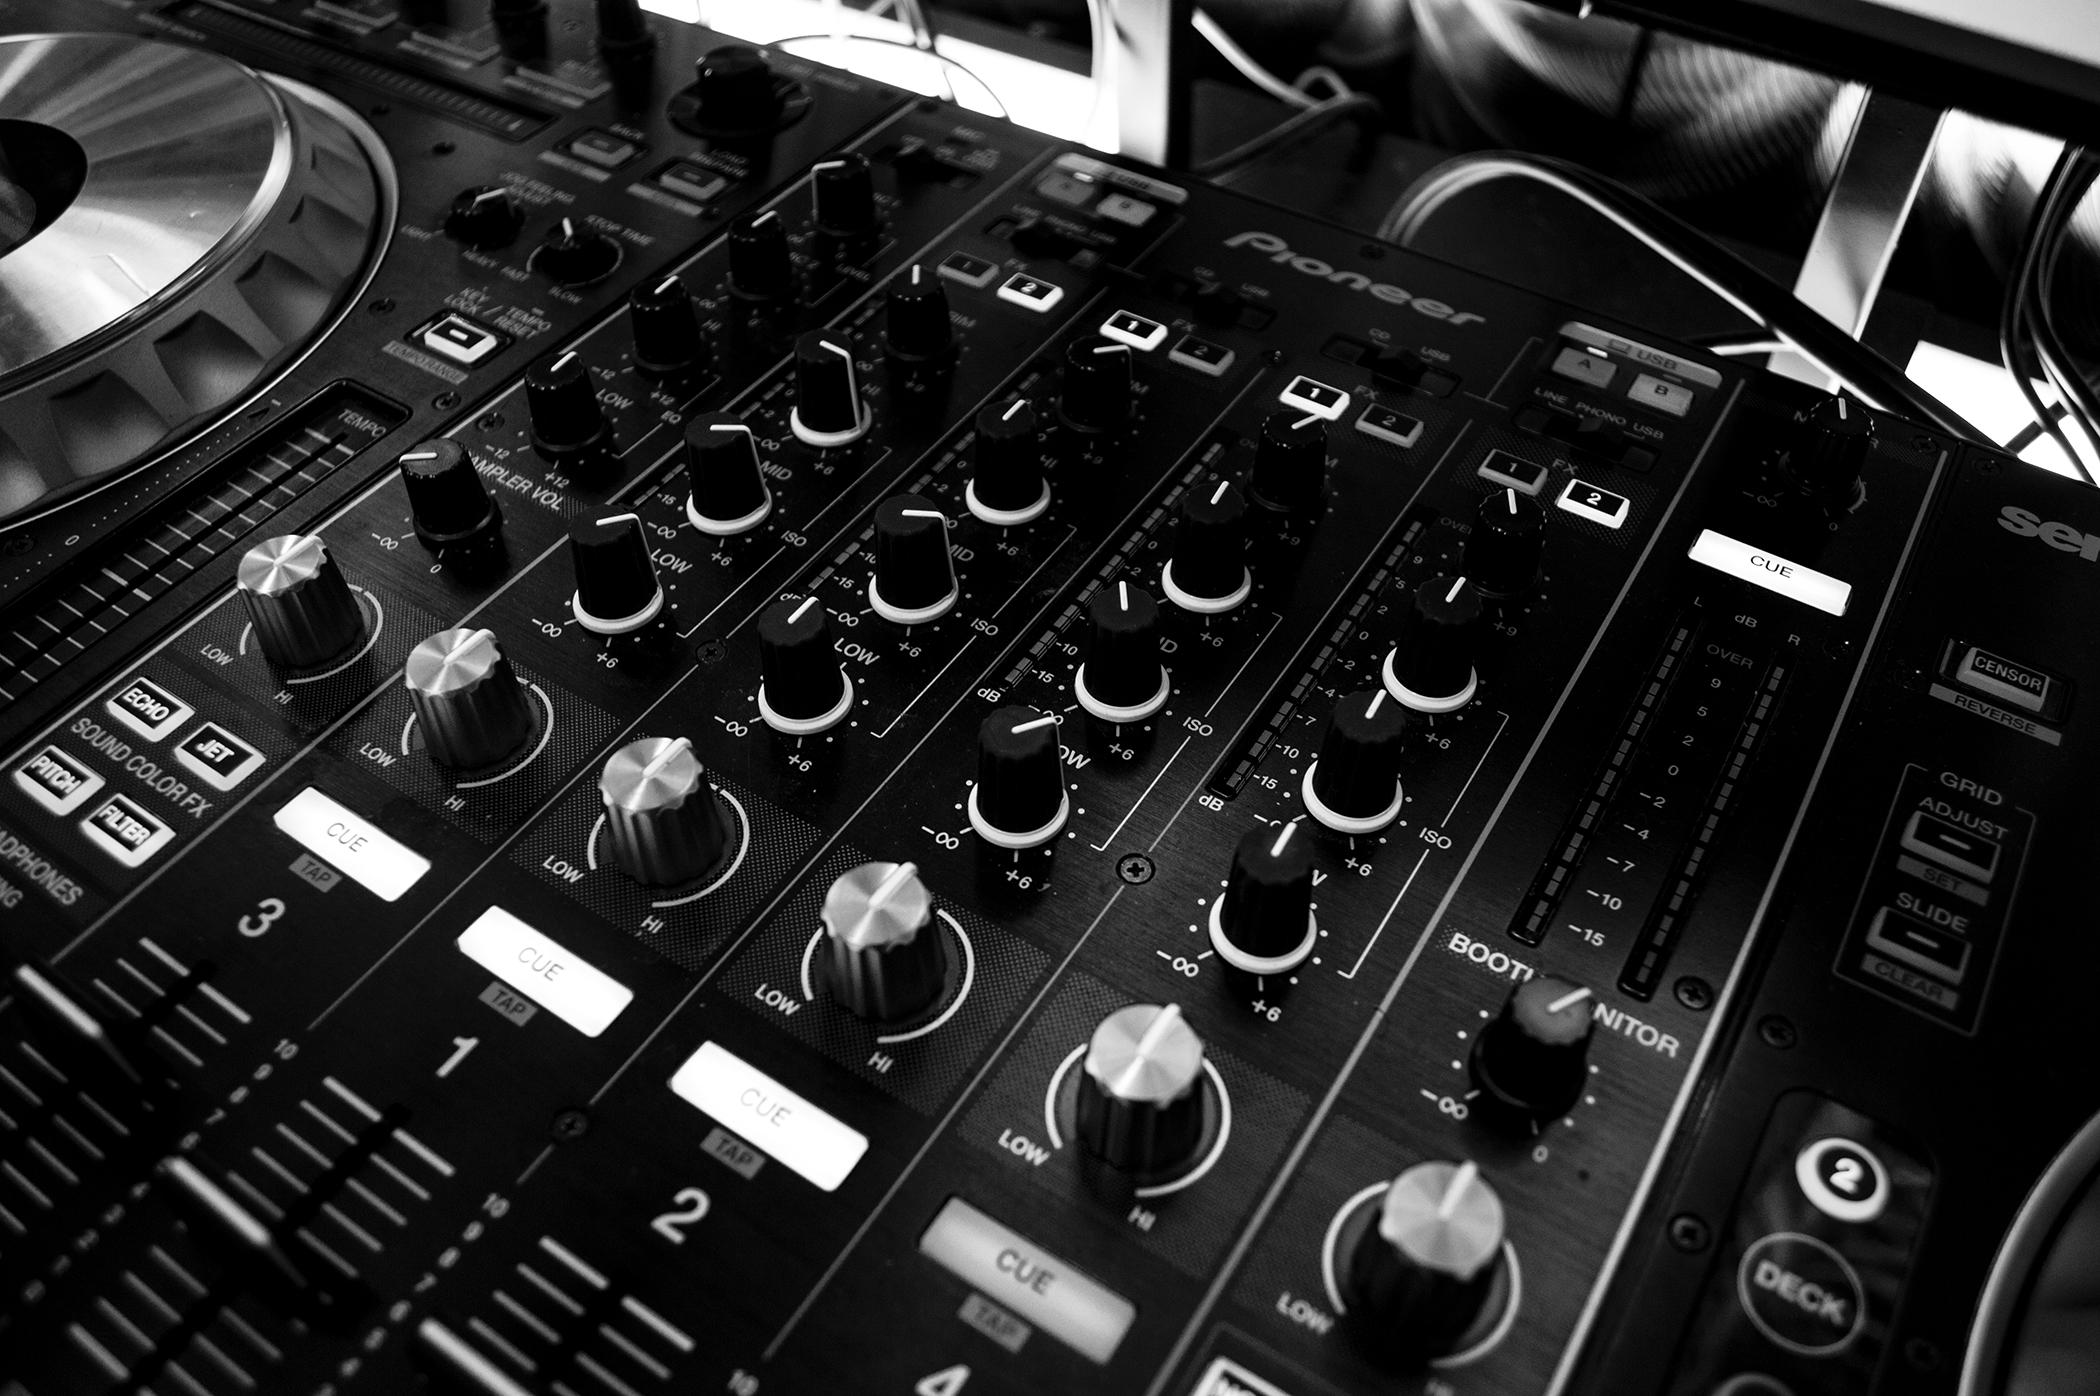 SYDNEY WEDDING DJS